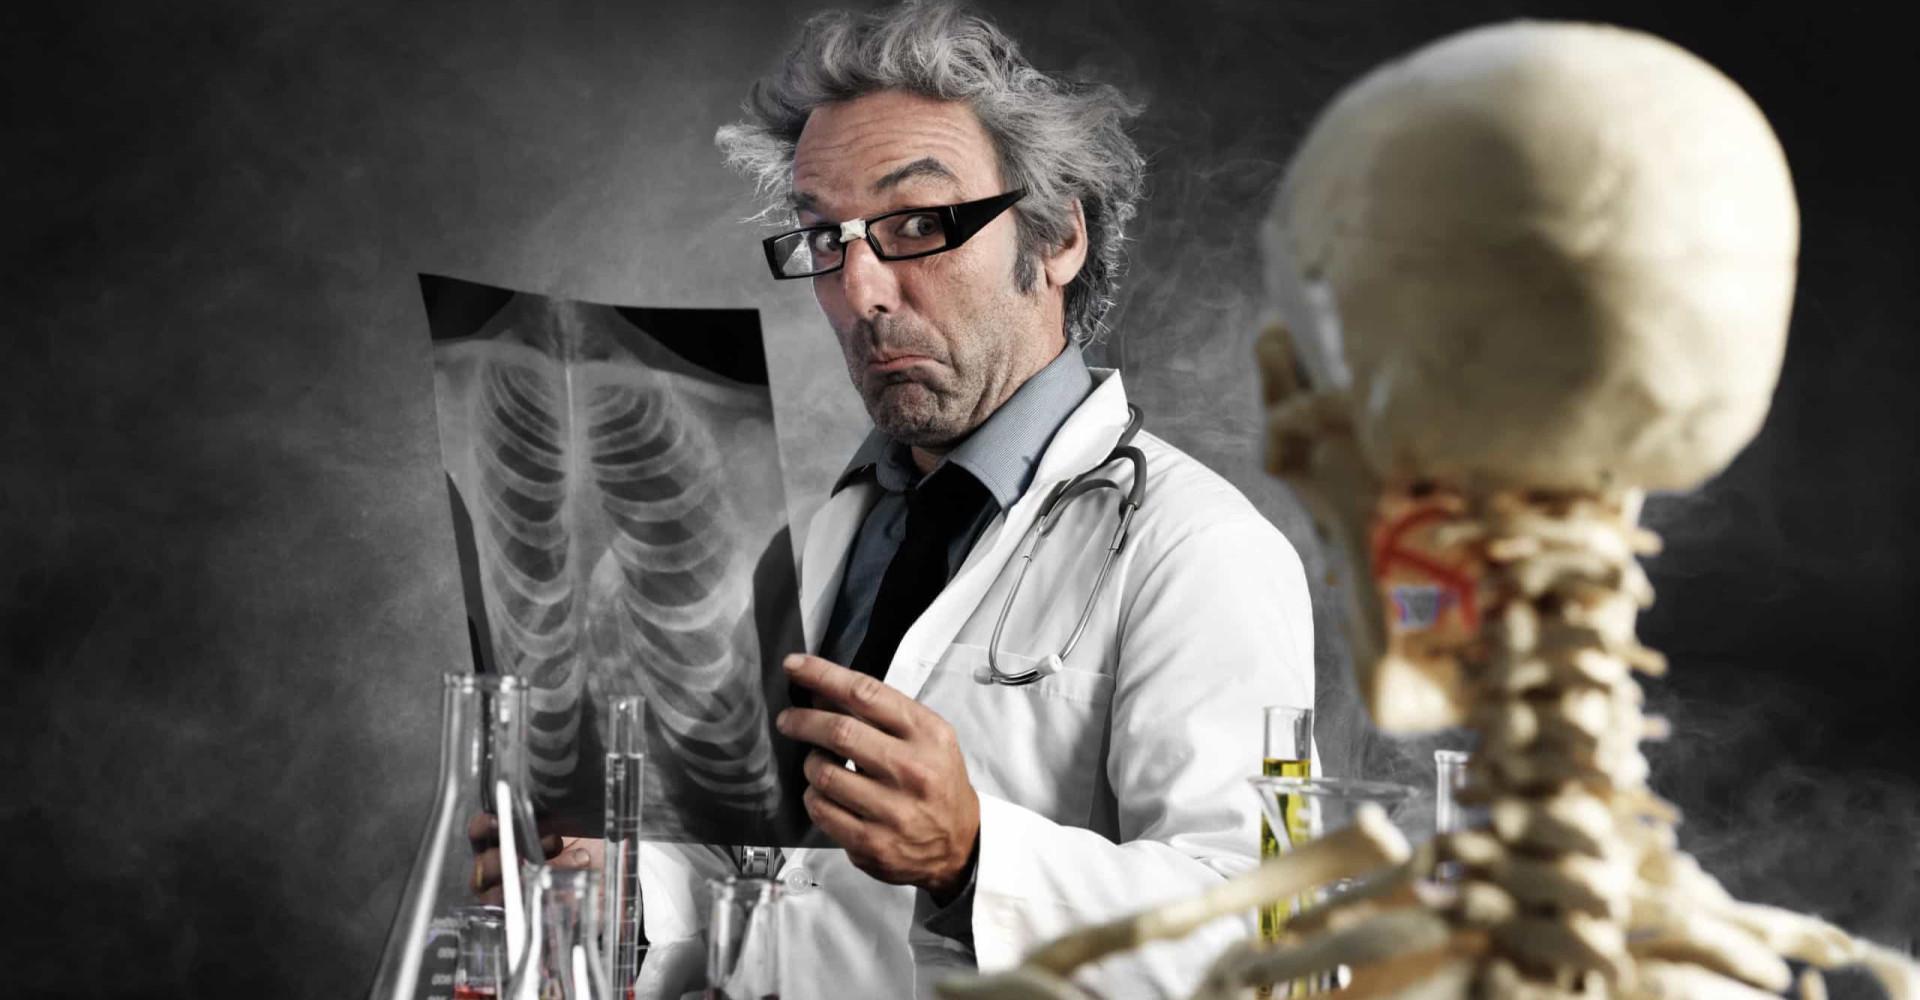 Näitä omituisia lääketieteellisiä faktoja ei uskoisi todeksi